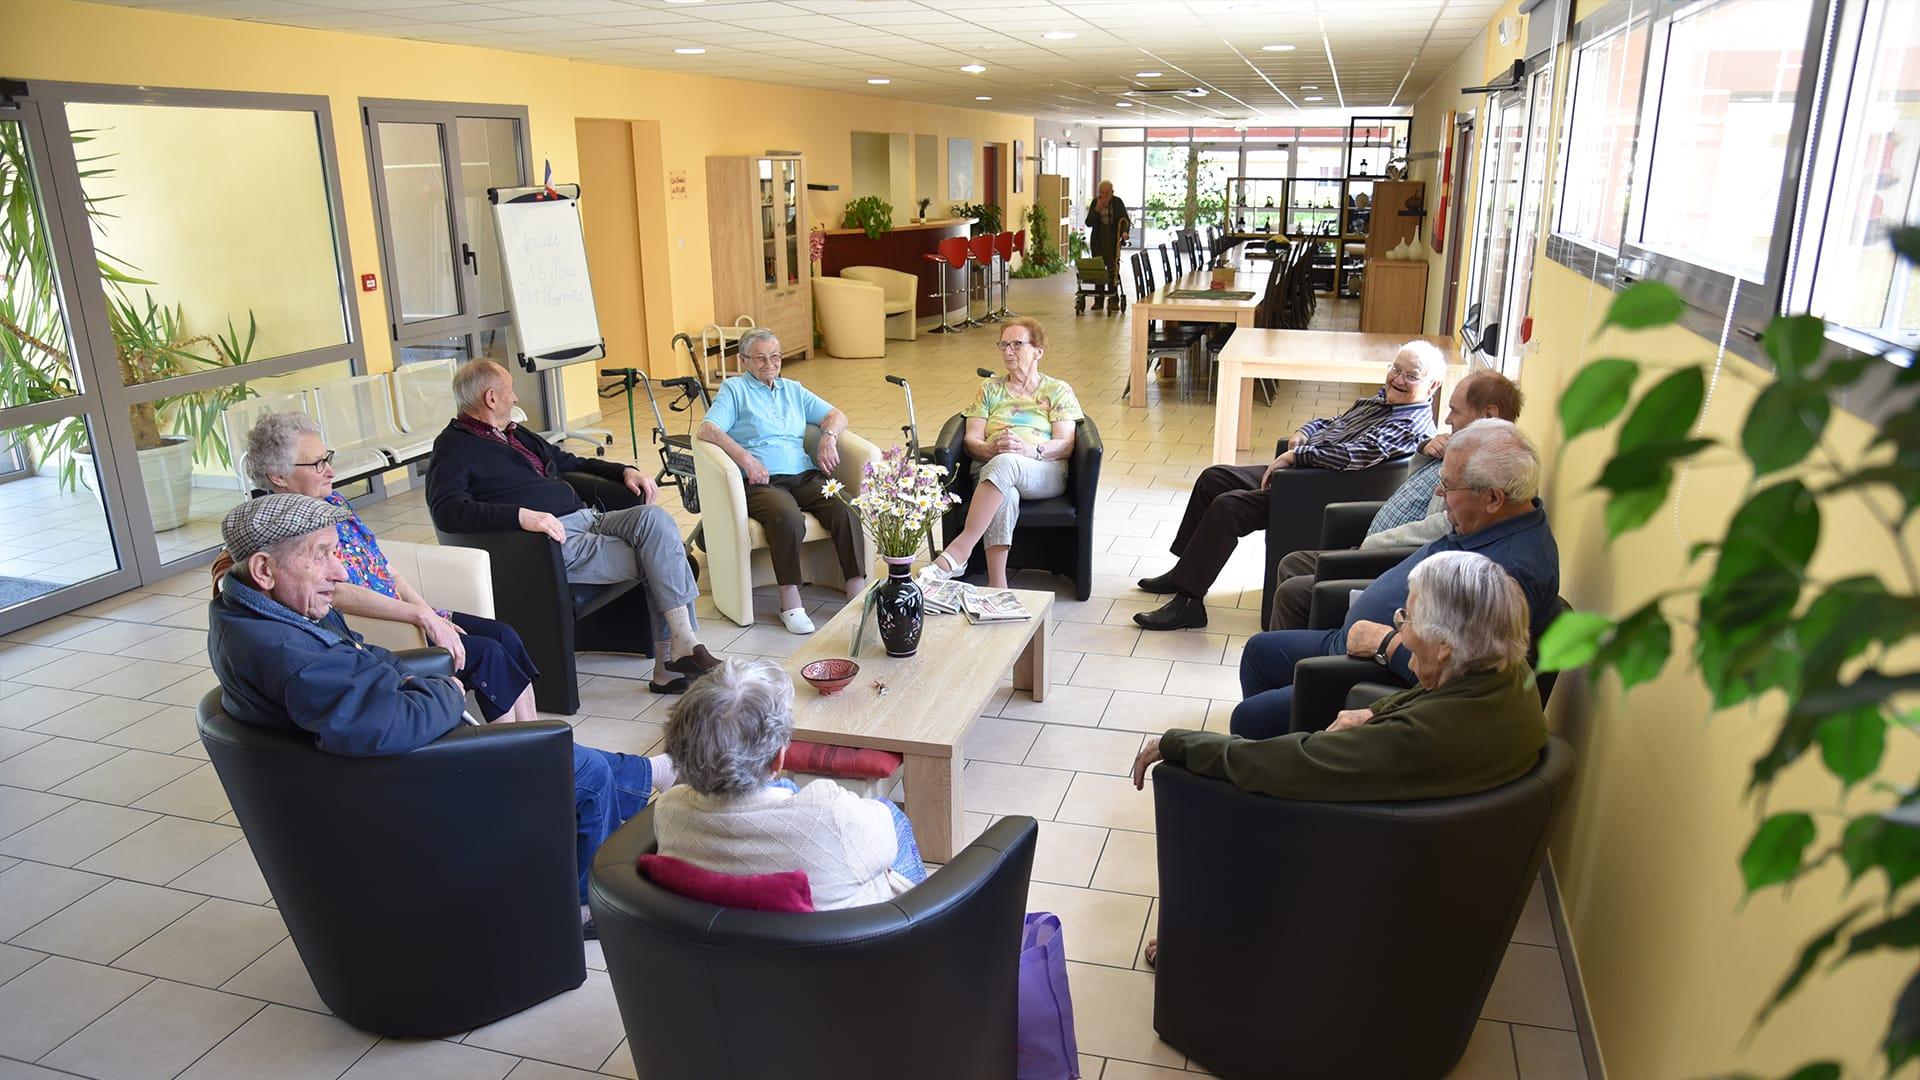 Espace commun de convivialité où des résidents discutent